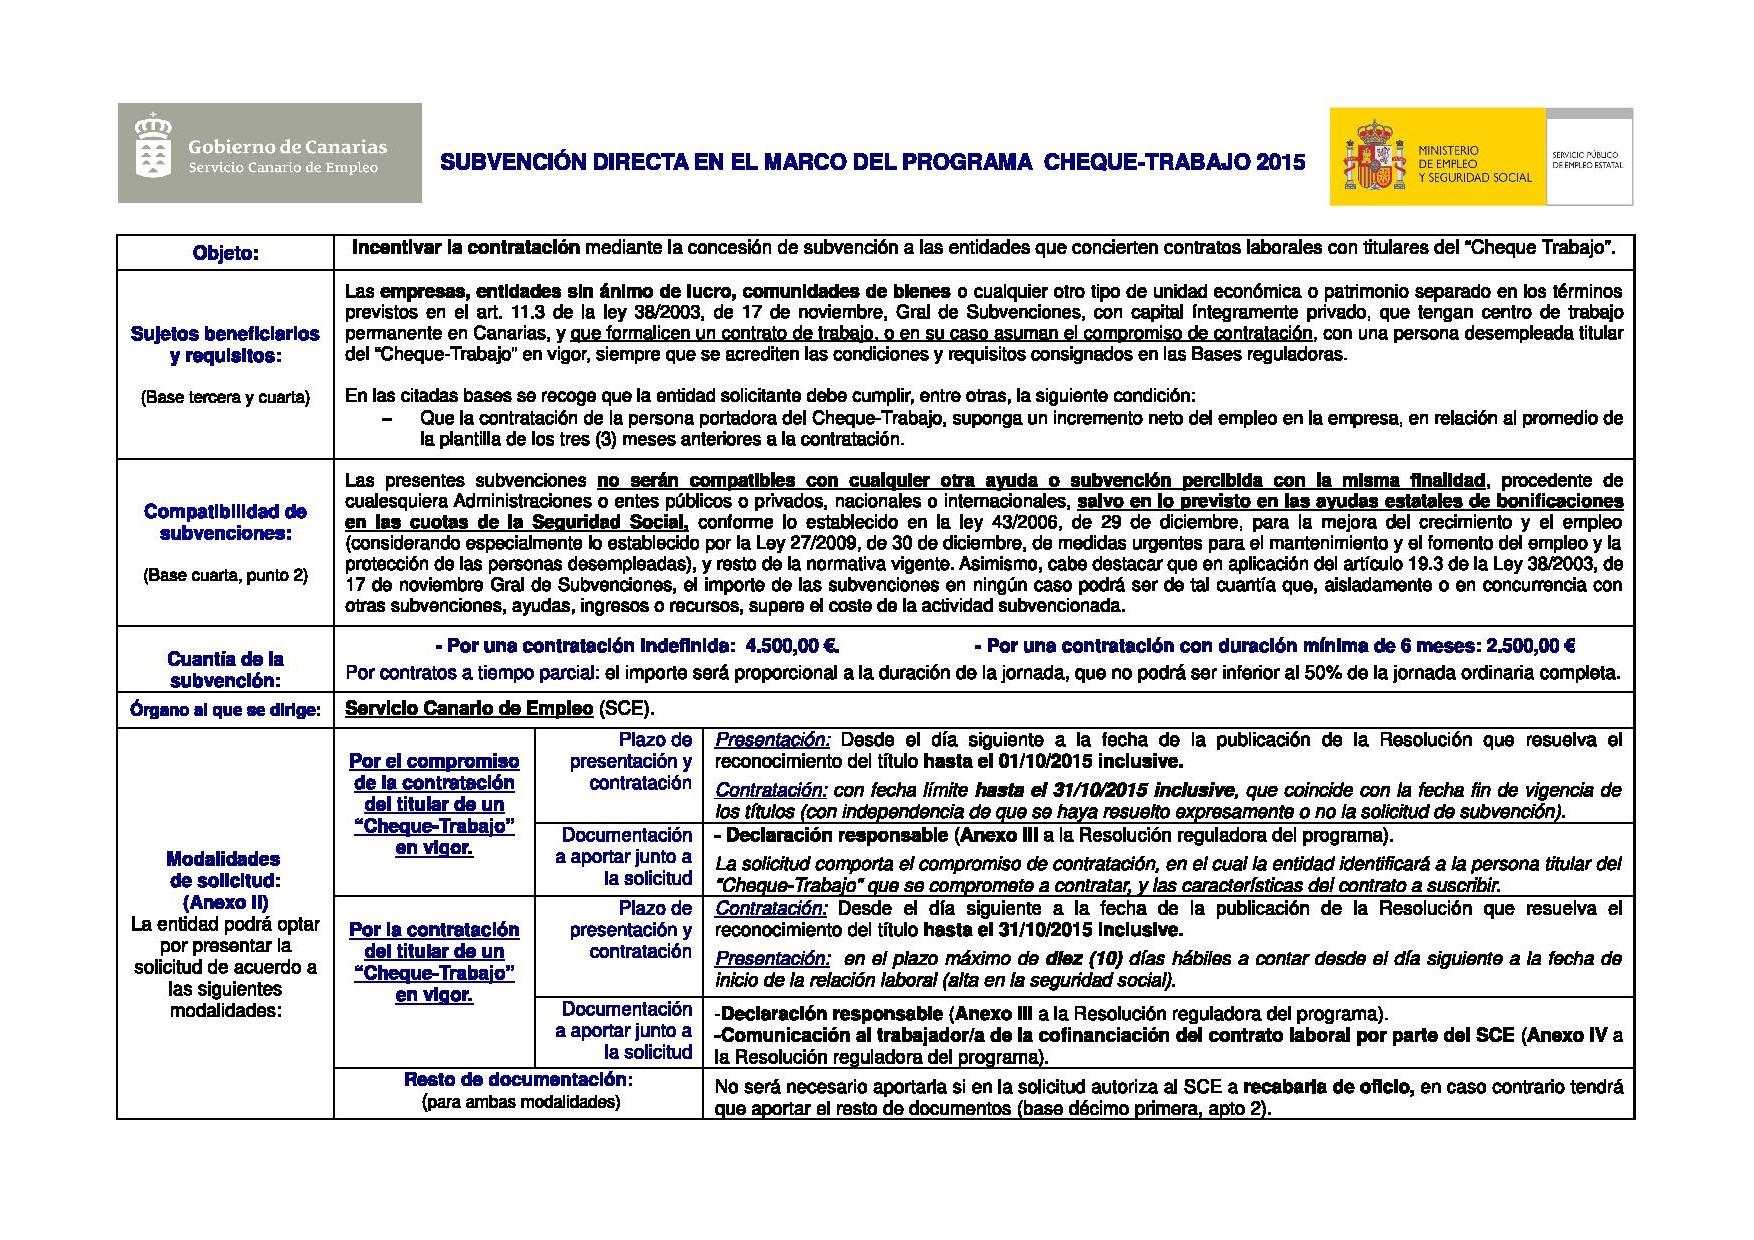 incentivos a la contrataci n programa cheque trabajo 2015